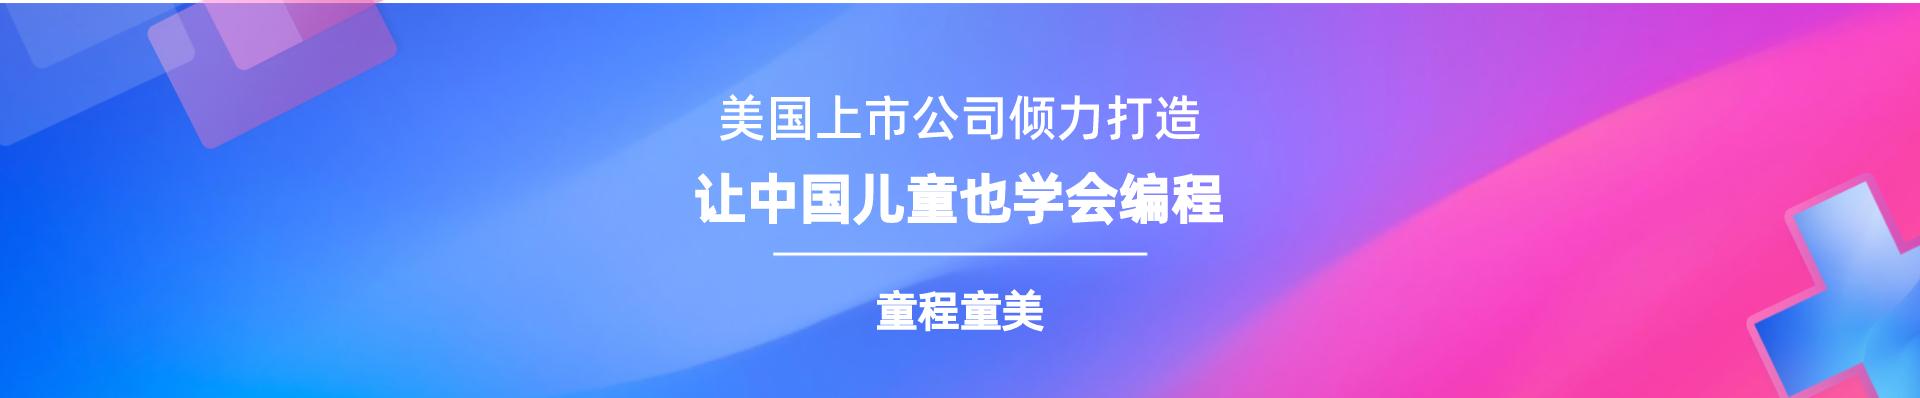 上海虹口童程童美少儿编程培训